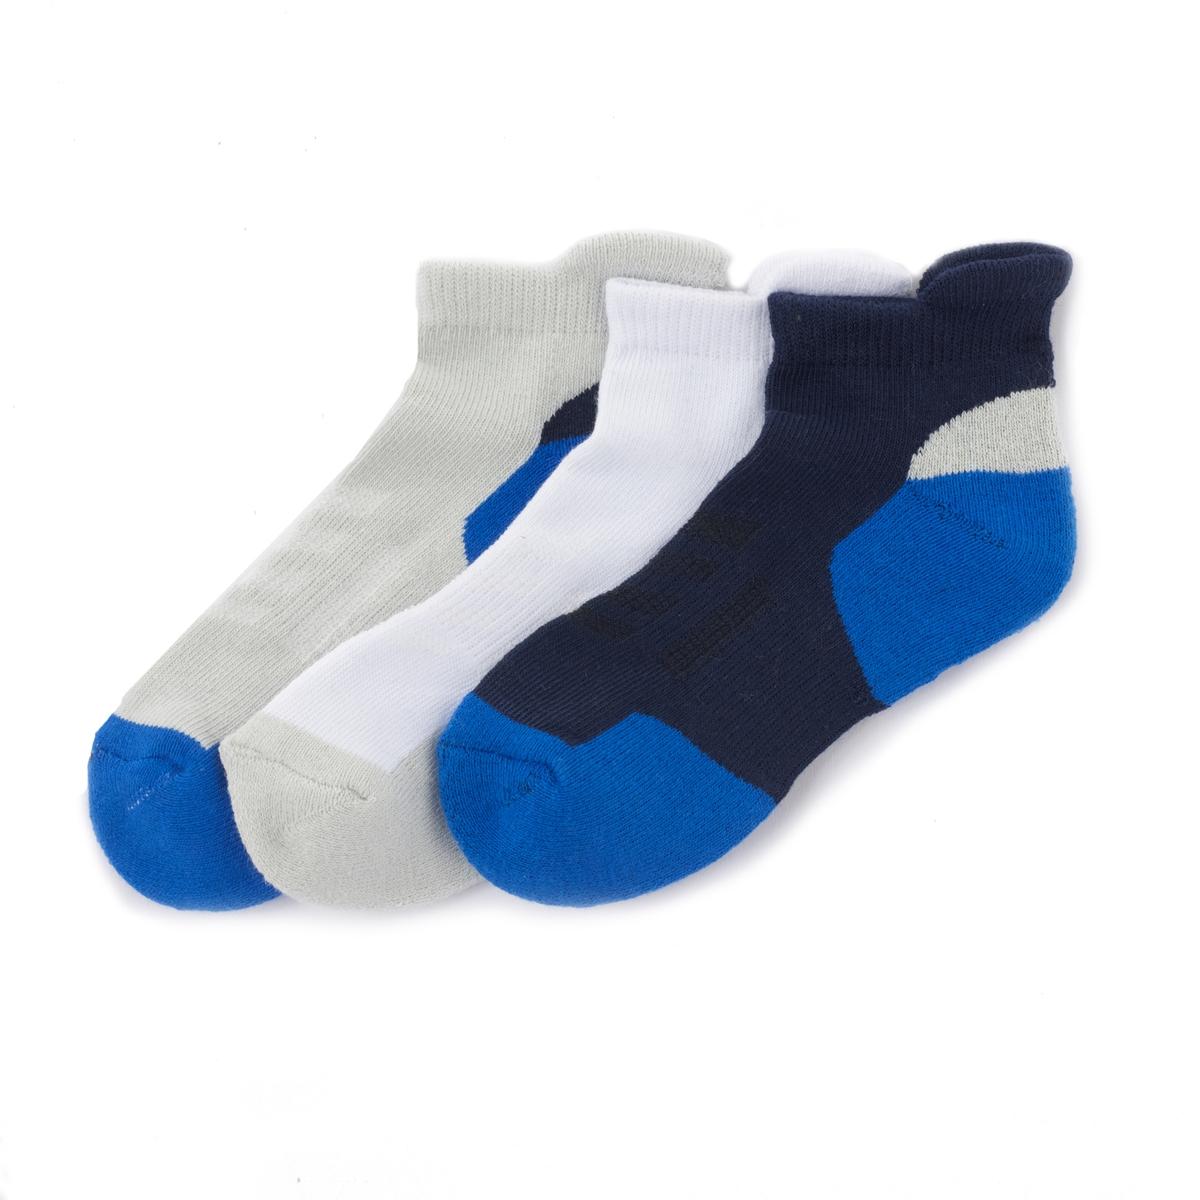 Носки спортивные 3 шт.Описание:Удобные и высококачественные короткие носки с подошвой из малой пряжи специально созданы для занятий спортом .Состав и уход •  Темно-синяя расцветка : 59% полиэстера, 38% хлопка, 2% эластодиена, 1% эластана  •  Белая расцветка : 60% полиэстера, 37% хлопка, 2% эластодиена, 1% эластана  •  Серая расцветка : 73% хлопка, 24% полиэстера, 2% эластодиена, 1% эластана   •  Стирать при 30° с вещами схожих цветов •  Допускается чистка любыми растворителями / отбеливание запрещено •  Не использовать барабанную сушку •  Низкая температура глажкиЭластичная полоска сверху обеспечивает хорошую посадку .<br><br>Цвет: синий<br>Размер: 23/26.35/38.39/42.27/30